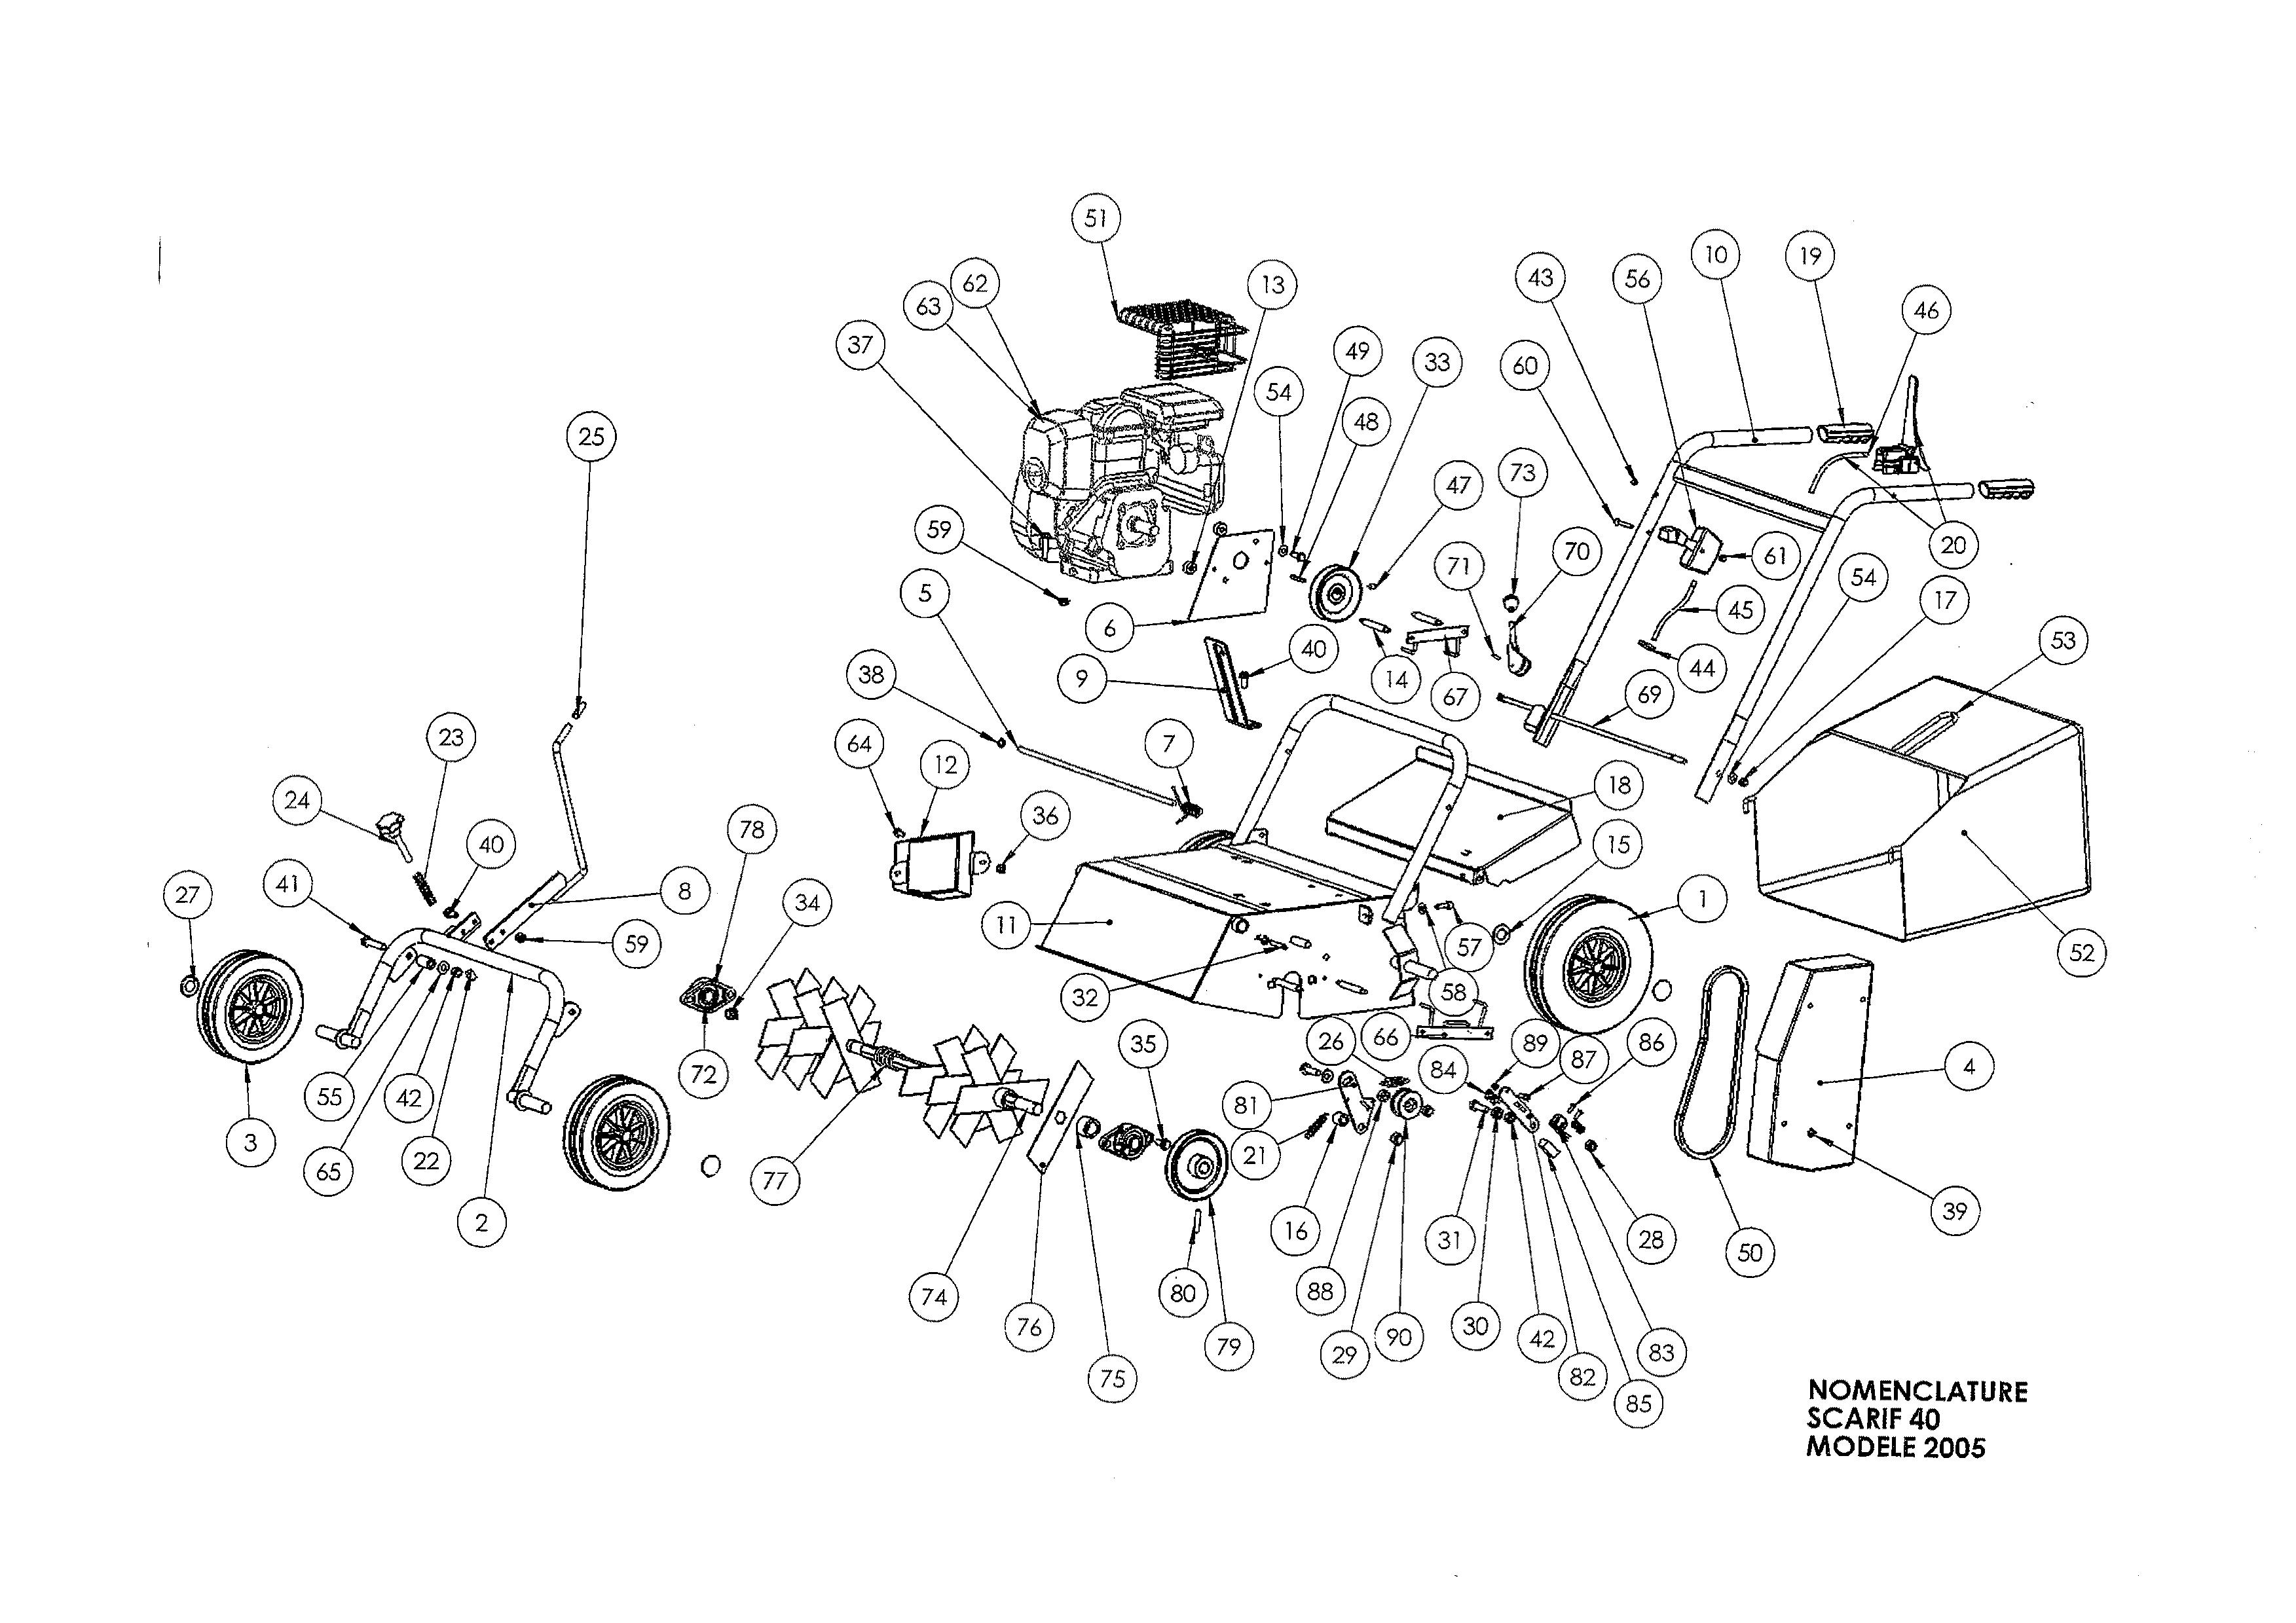 SCA 40 Scarificateur OLEOMAC vue éclatée Dessins pièces -  Vue éclatée